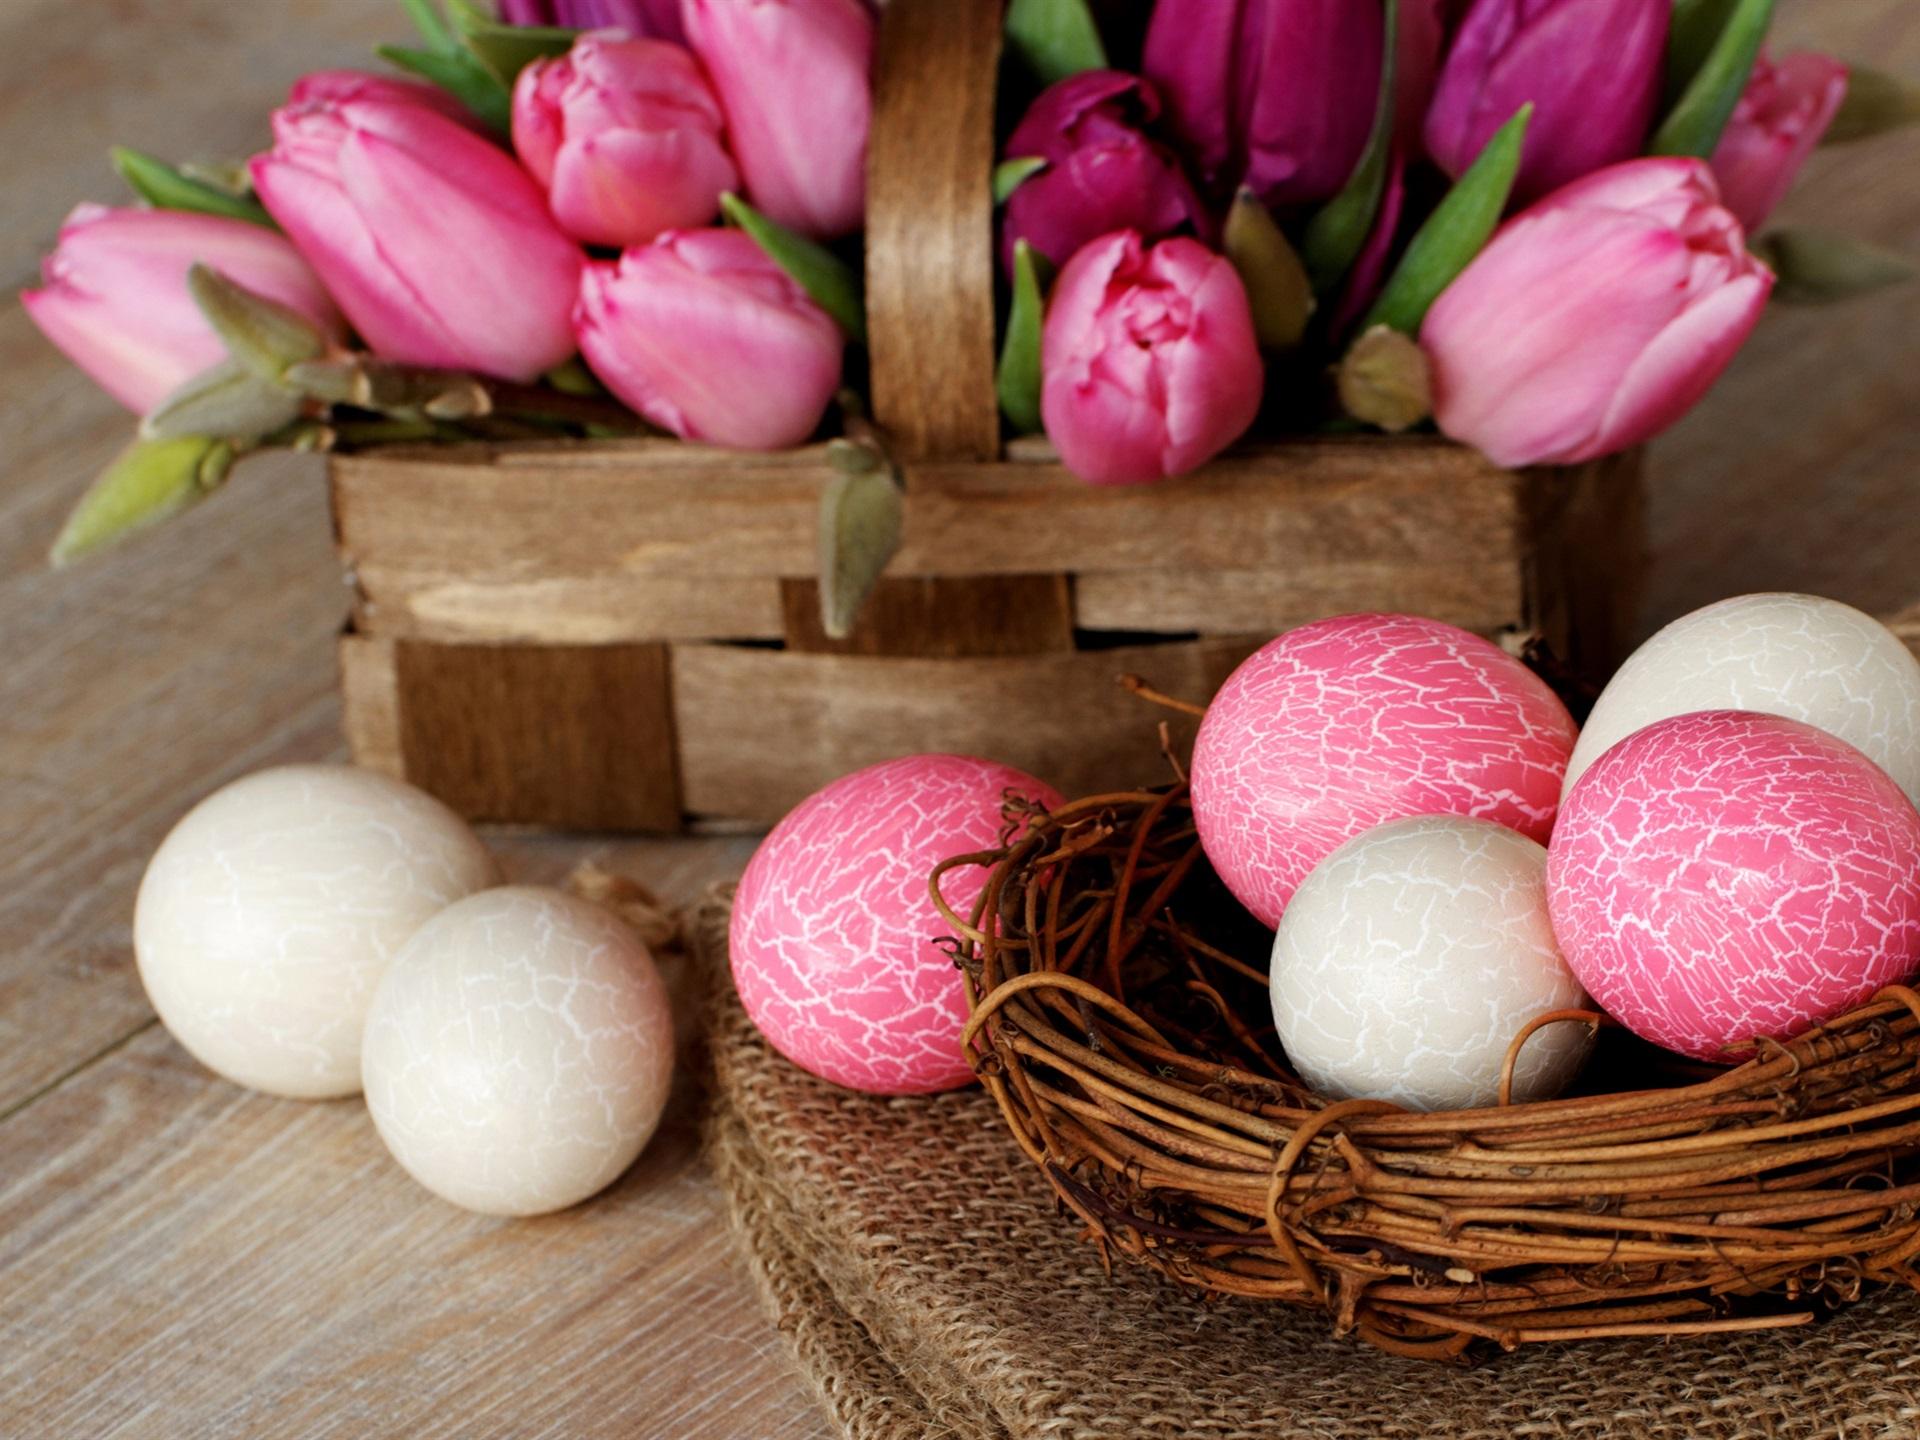 пасха яйца корзина  № 3923012 загрузить